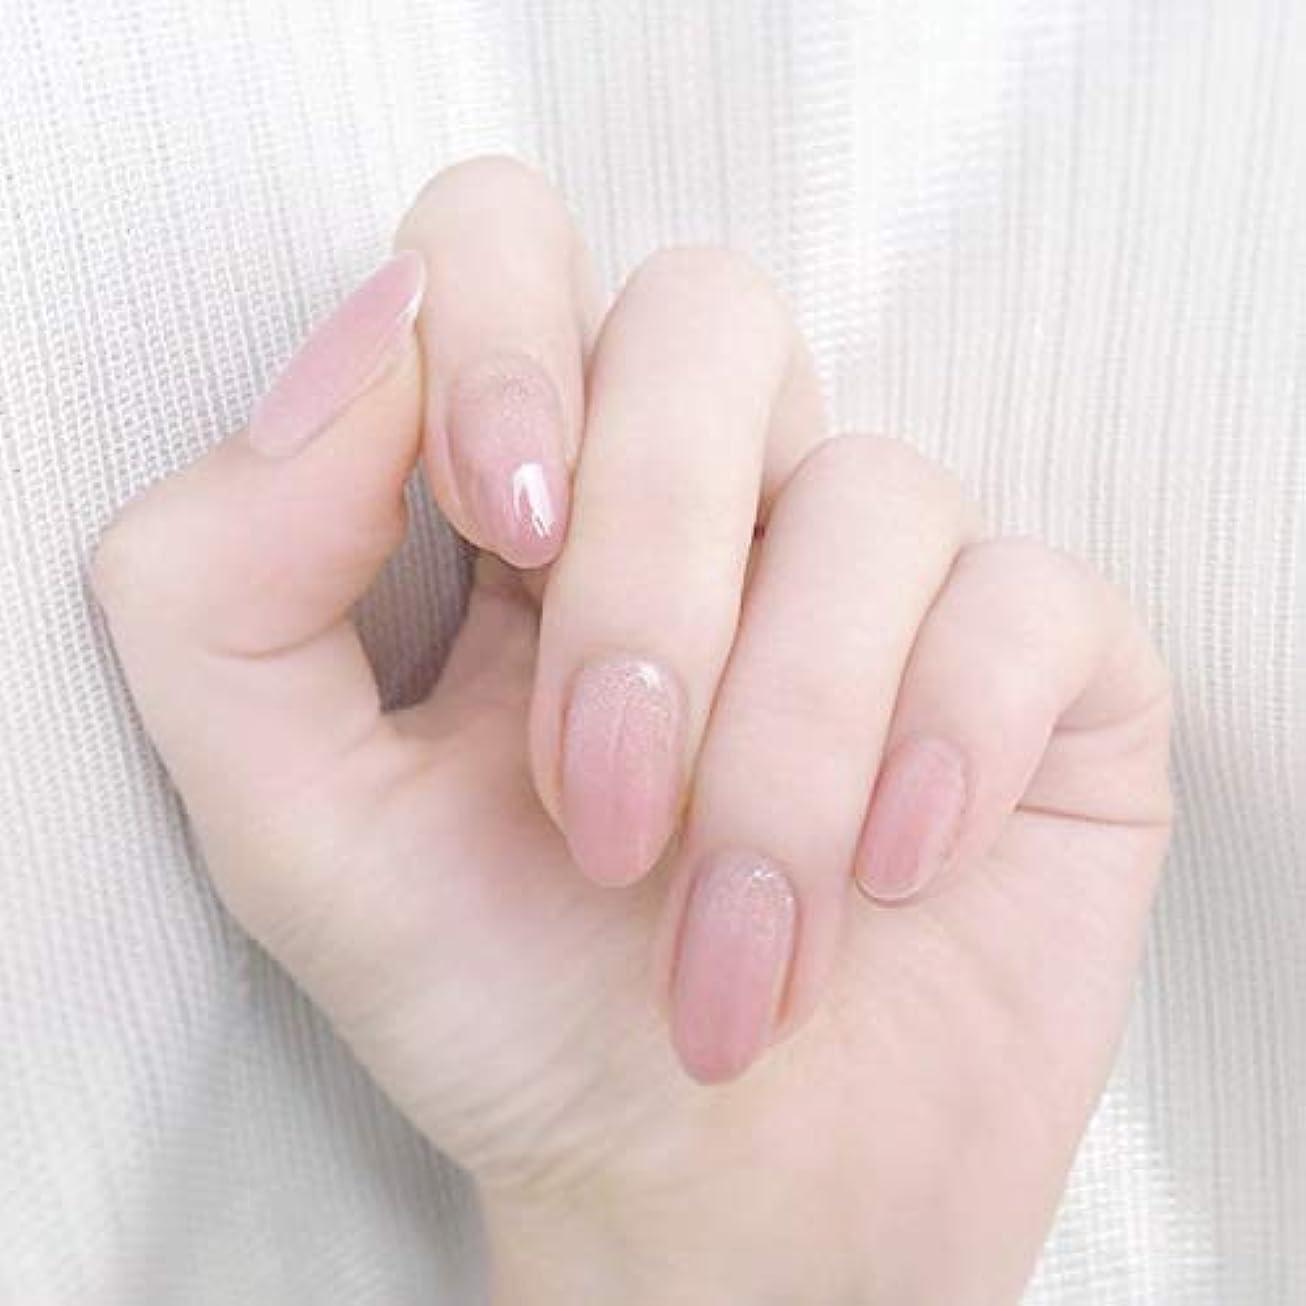 に勝る抱擁クレタ原宿 和風 夢幻 手作りネイルチップ 可愛い 優雅ネイル 和装 ネイル 美しいピンク 輝く星 24枚入 ネイル花嫁